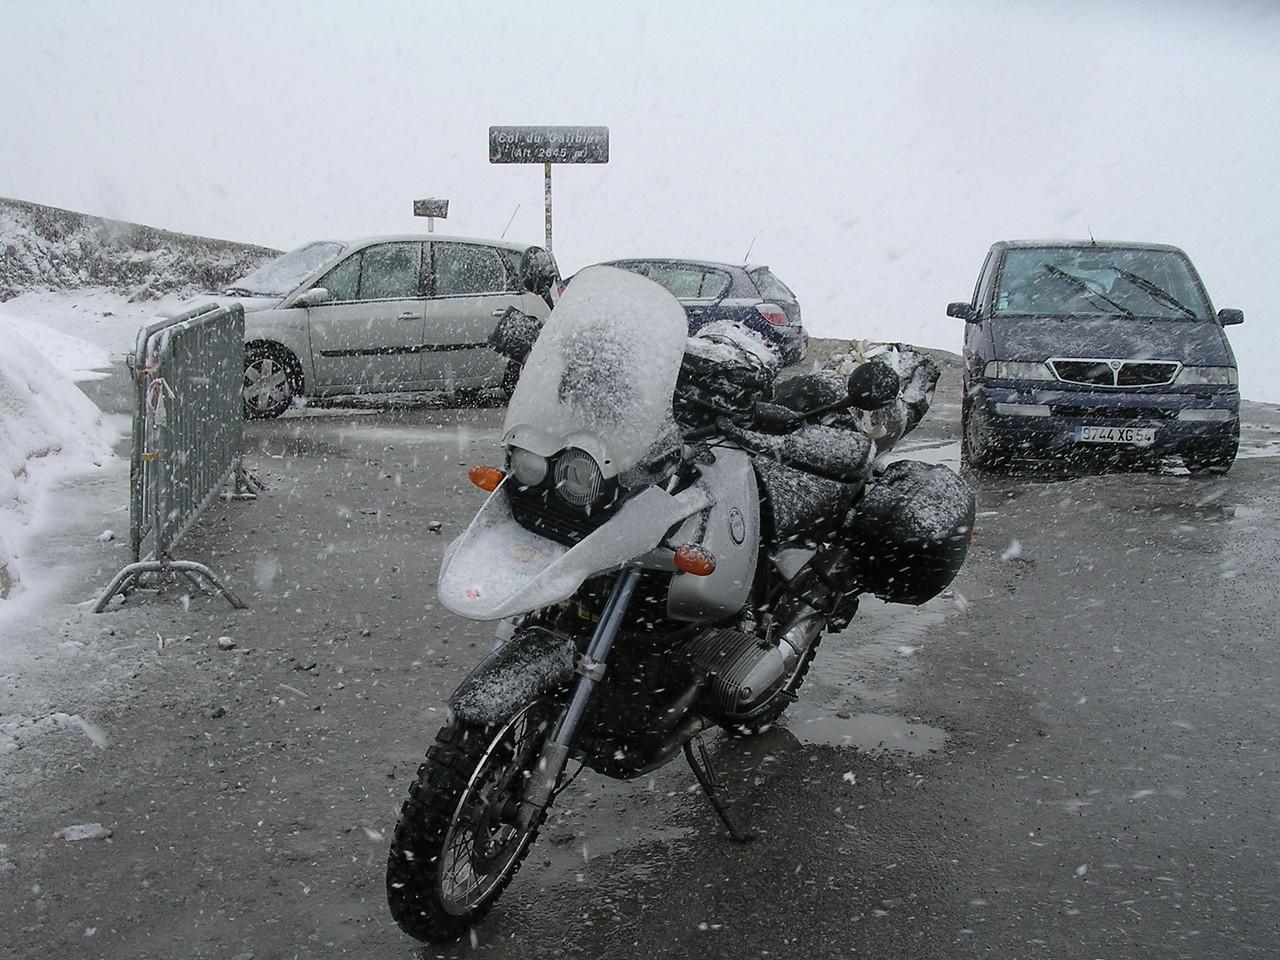 2004 Eerste Alpentrip met deze brommer. Sneeuw bovenop Galibier. Nog geen Touratech tanktas